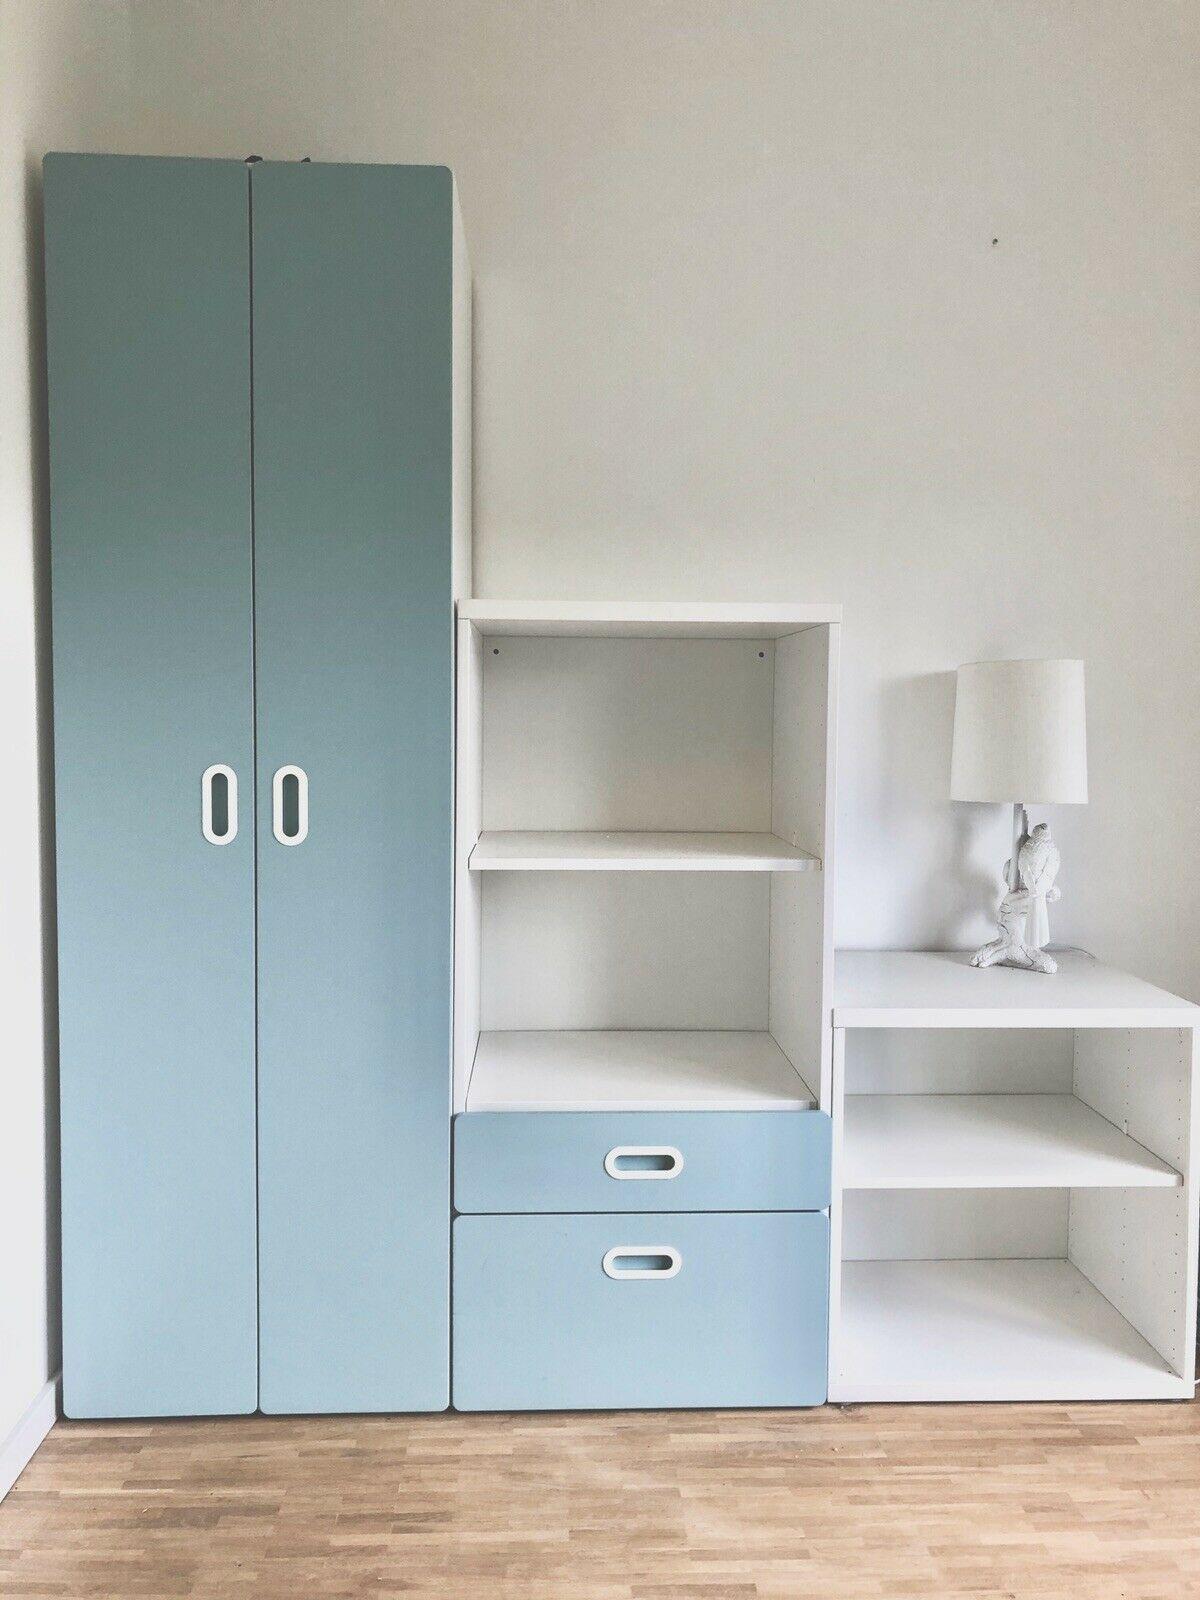 Ikea Stuva Malad Kleiderschrank Doppel Kinderzimmer Schrank Weiss